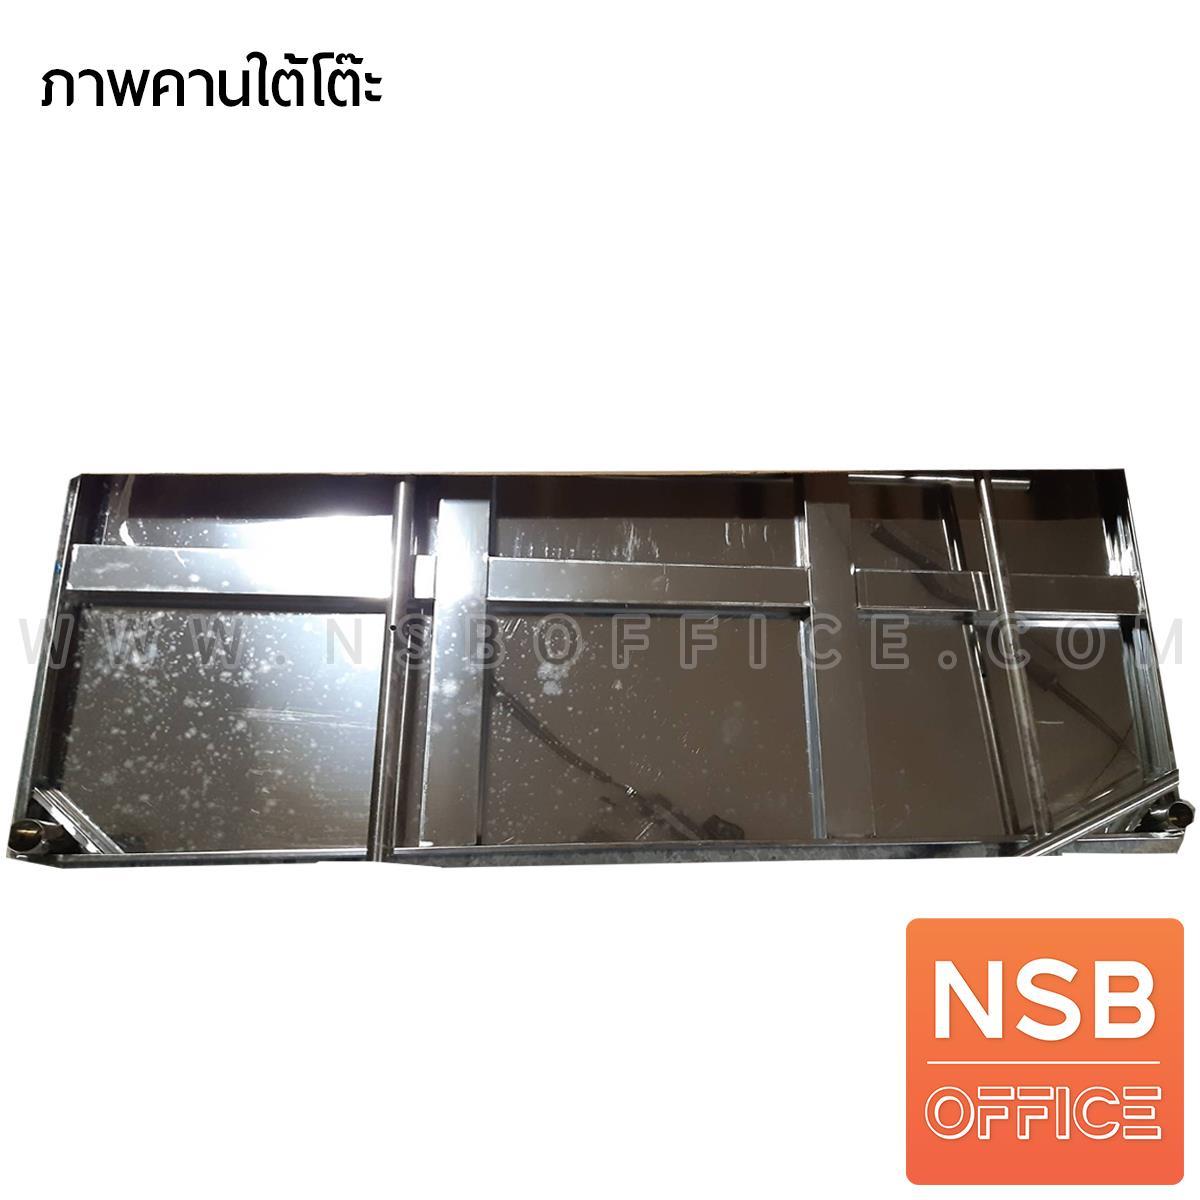 โต๊ะสเตนเลส รุ่น Decay (ดีเคย์) ขนาด 200W*80D cm.